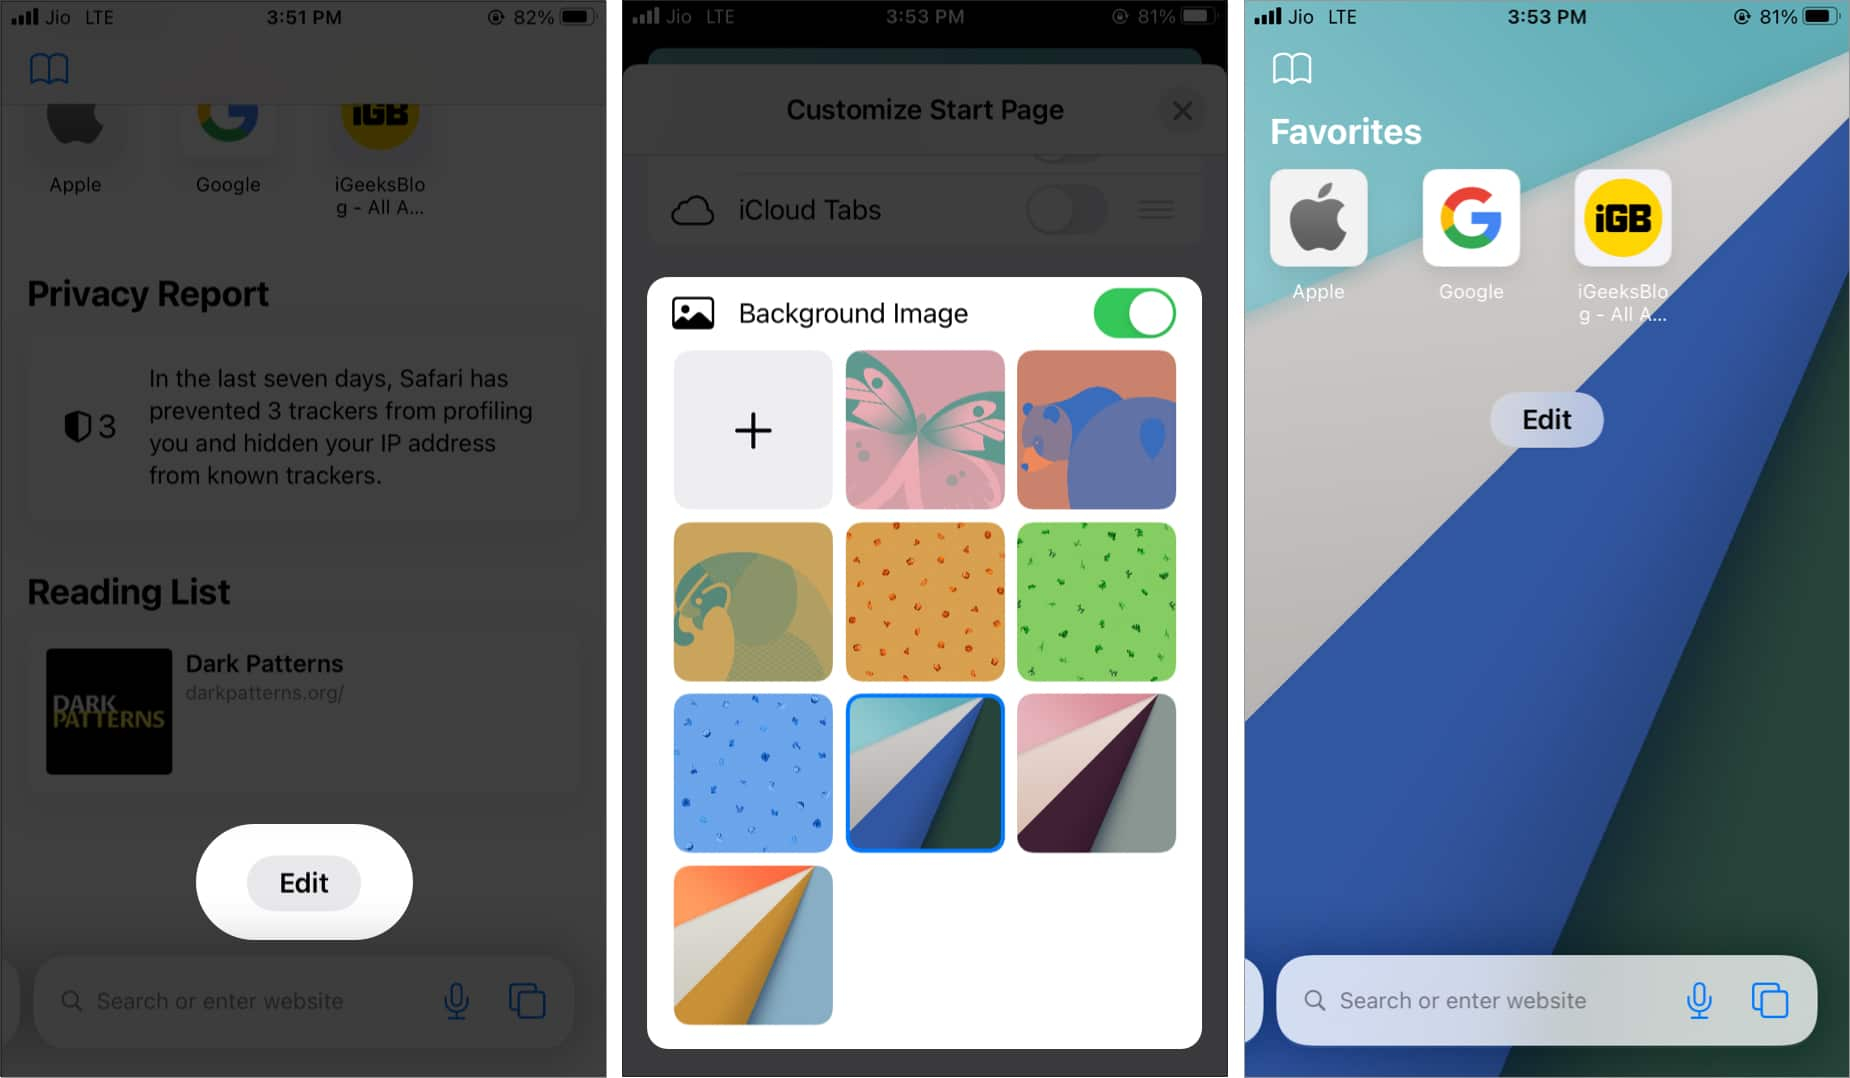 Как добавить фоновое изображение на стартовую страницу Safari в iOS 15